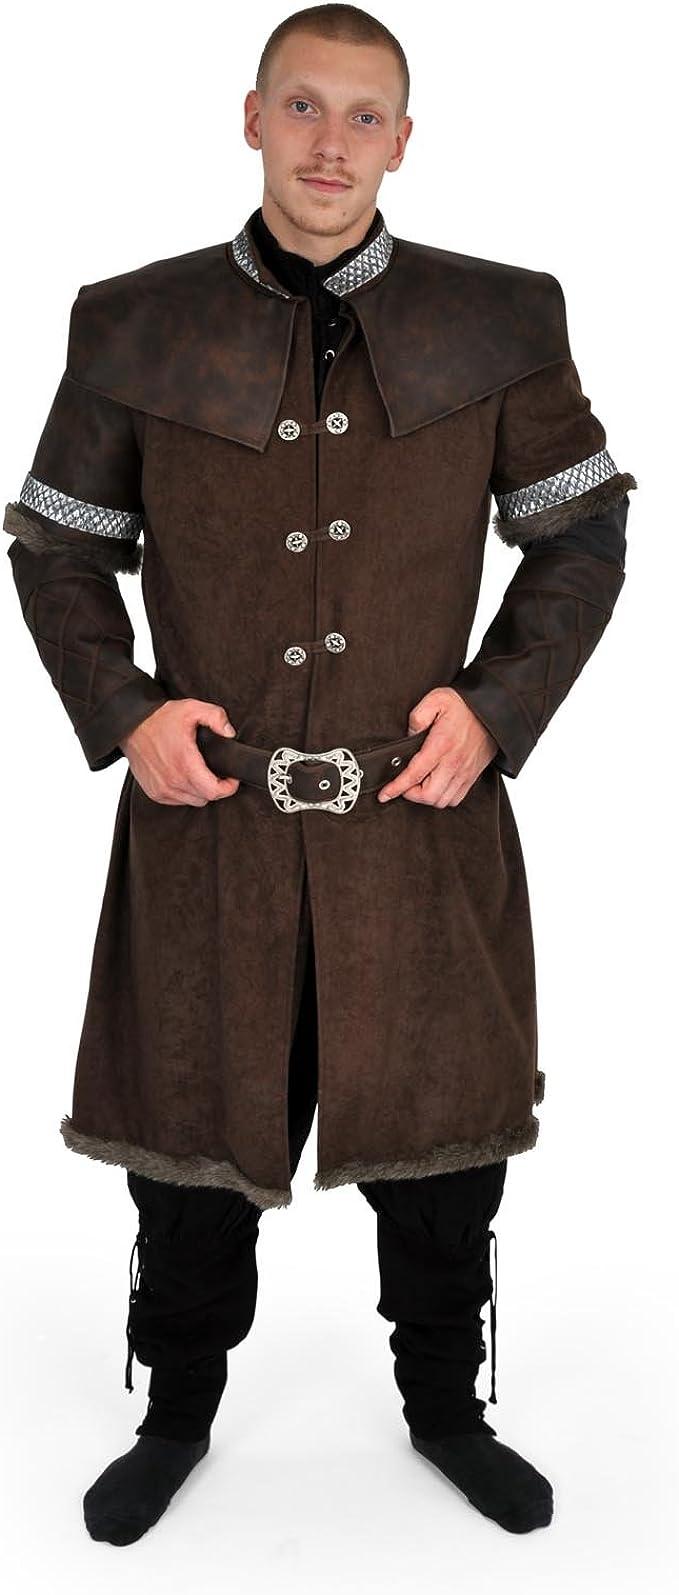 Rol en vivo - Abrigo de enanos - con cinturón - Disfraz medieval ...